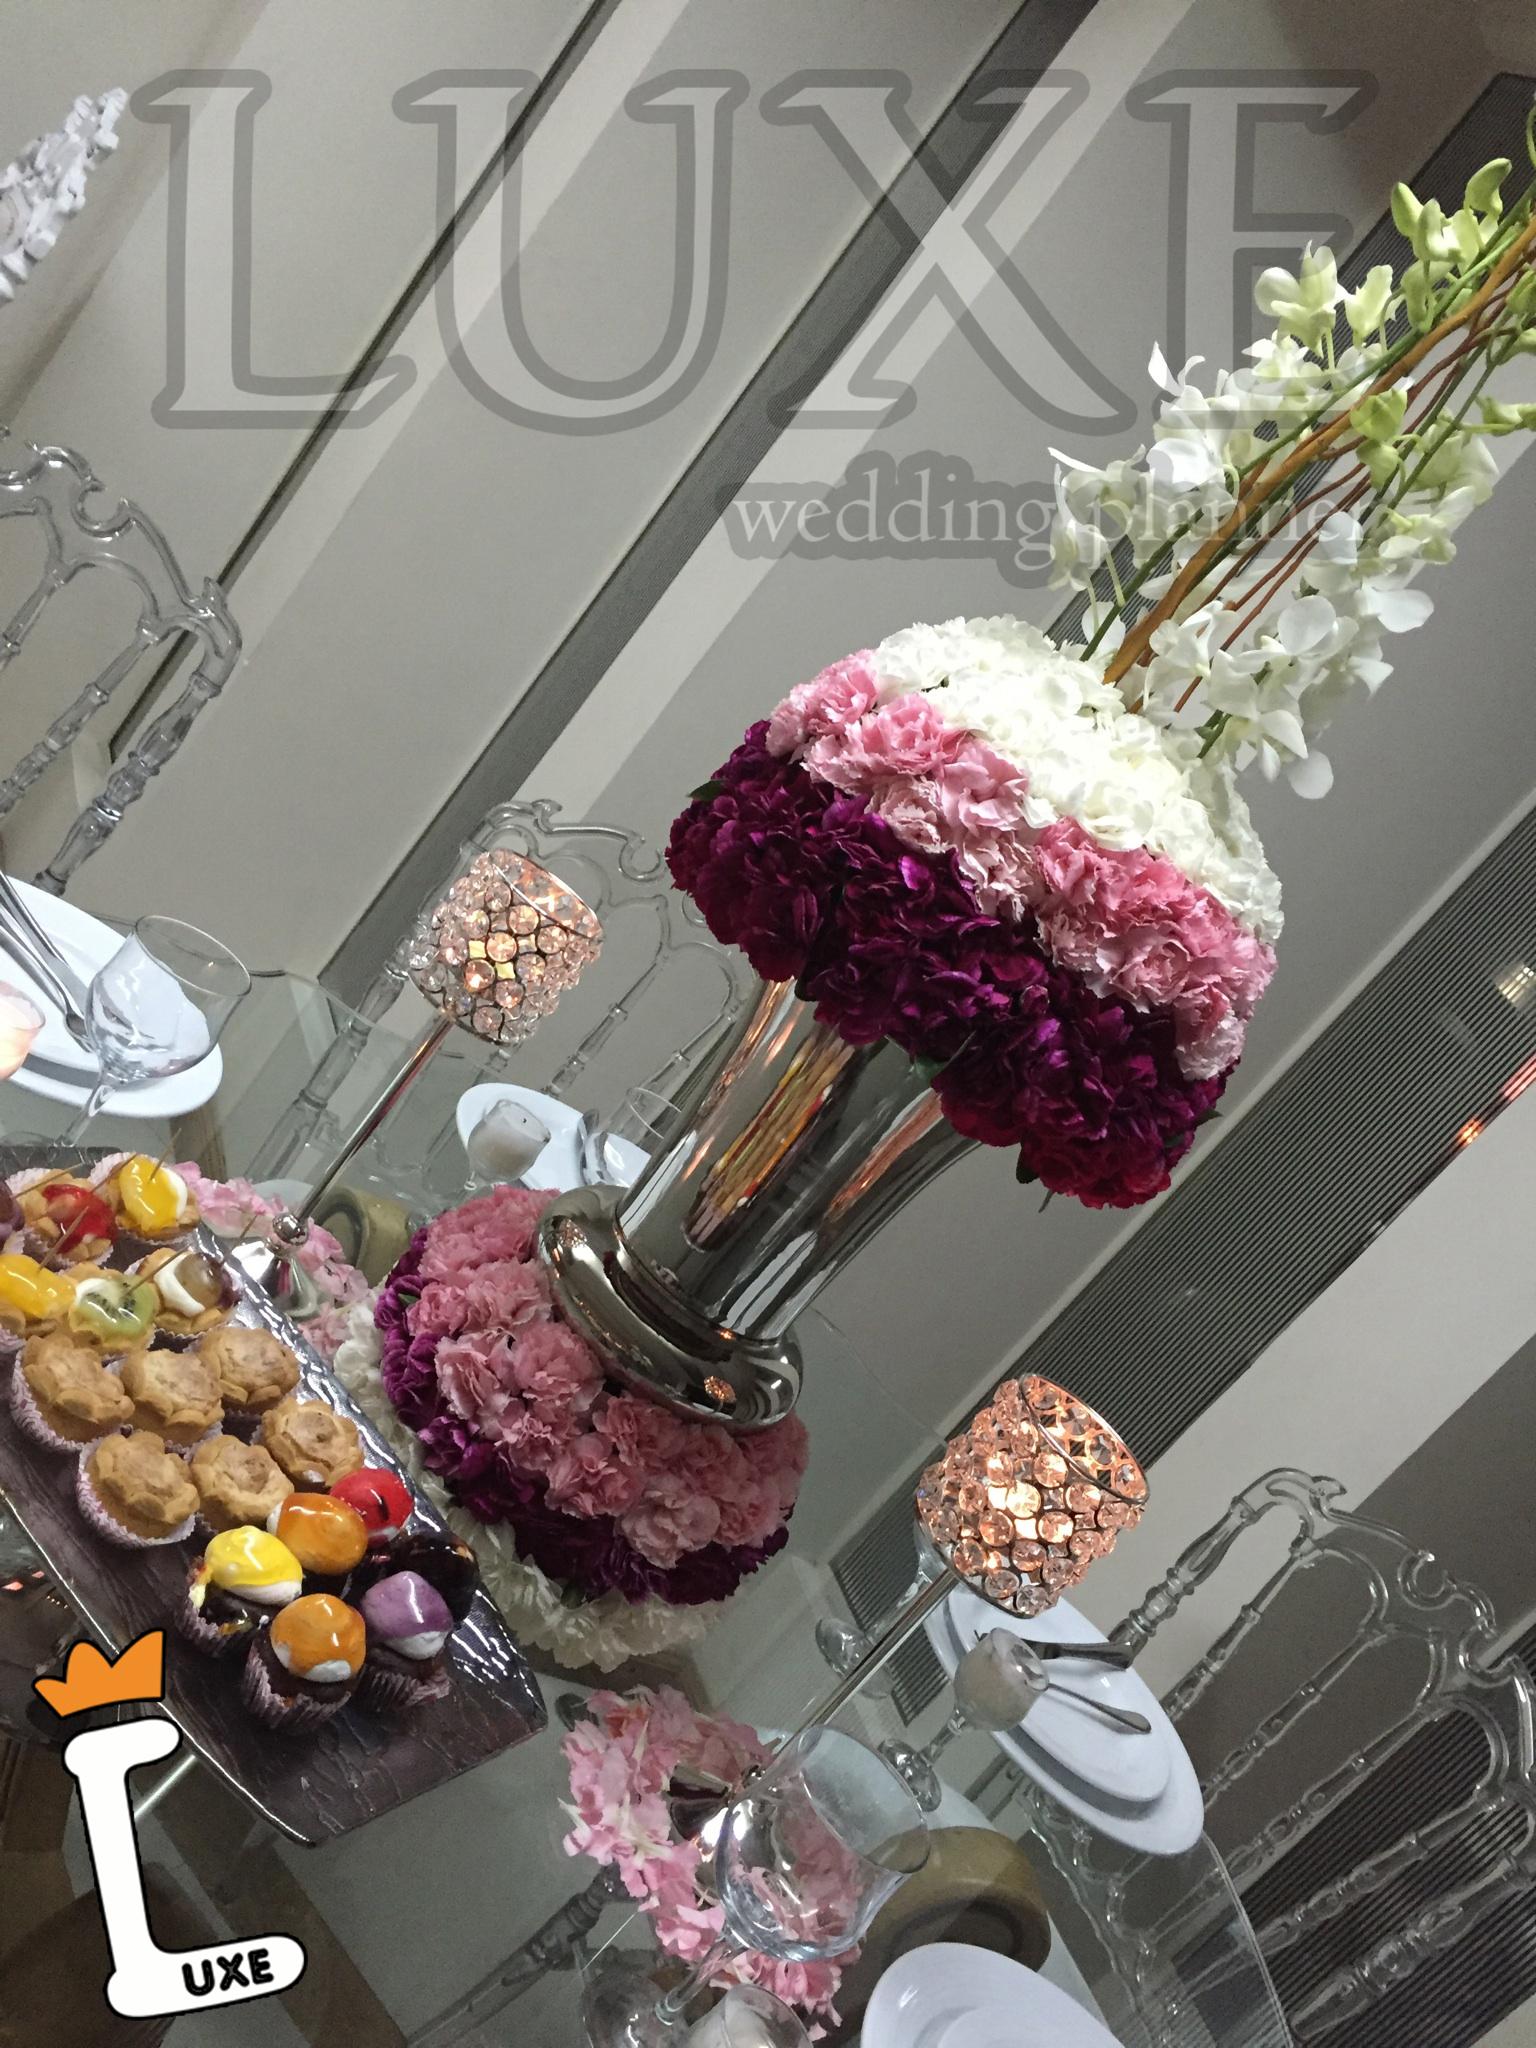 دیزاین میز و گل آرایی توسط تشریفات لوکس